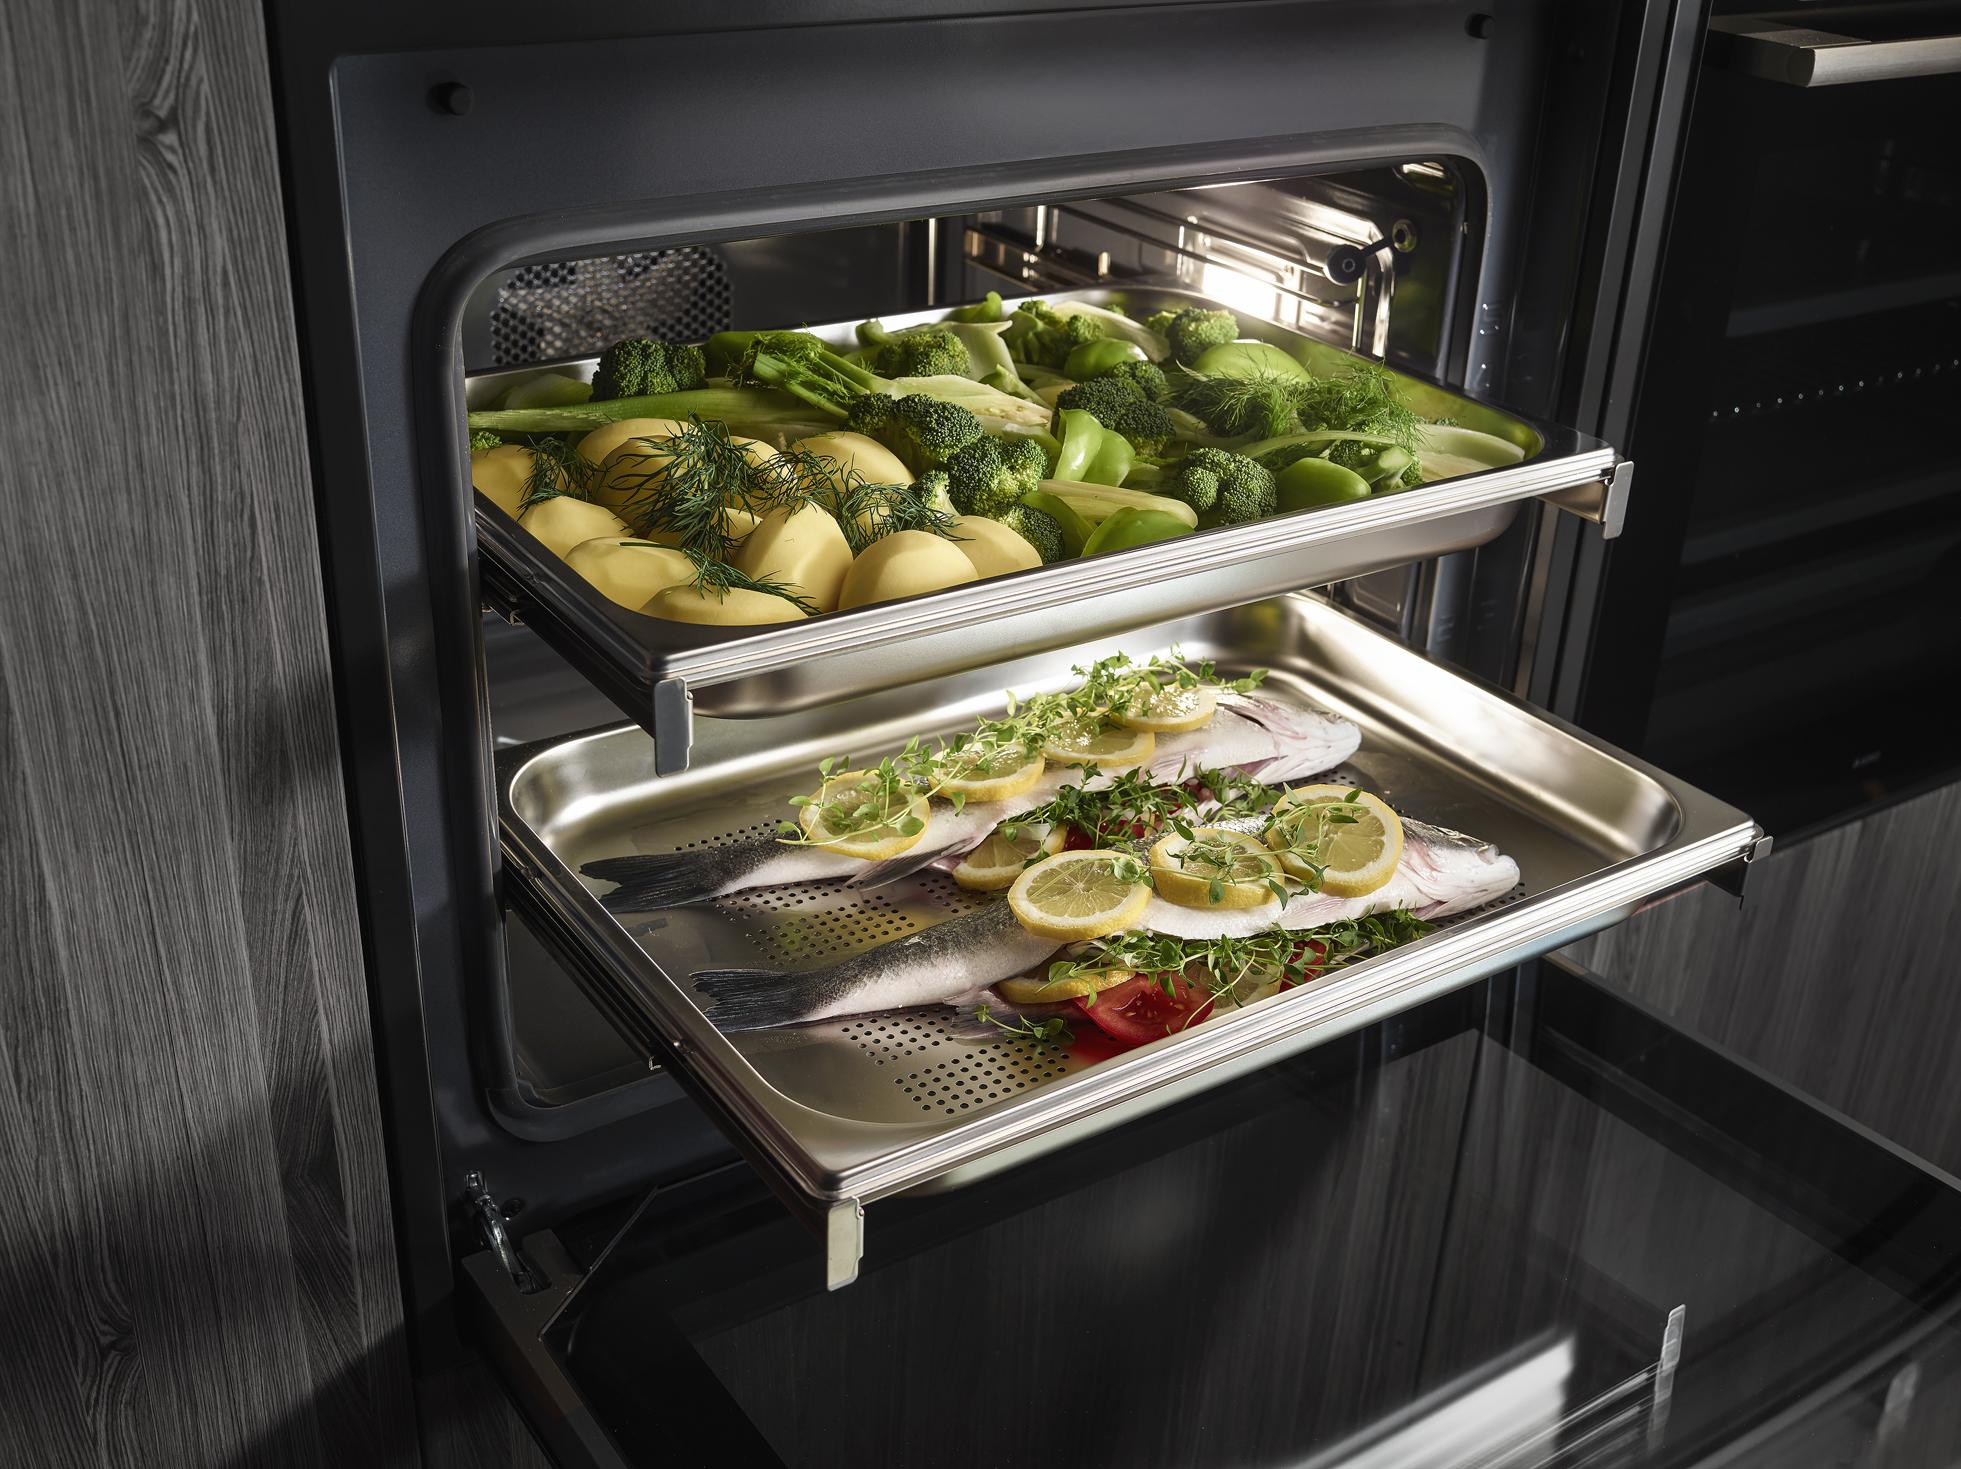 - Le choix de l'électroménager est déterminant pour vous faciliter la vie au quotidien, de façon fiable, durable, éco-responsable et toujours en vue d'une alimentation et d'un mode de vie plus sains.